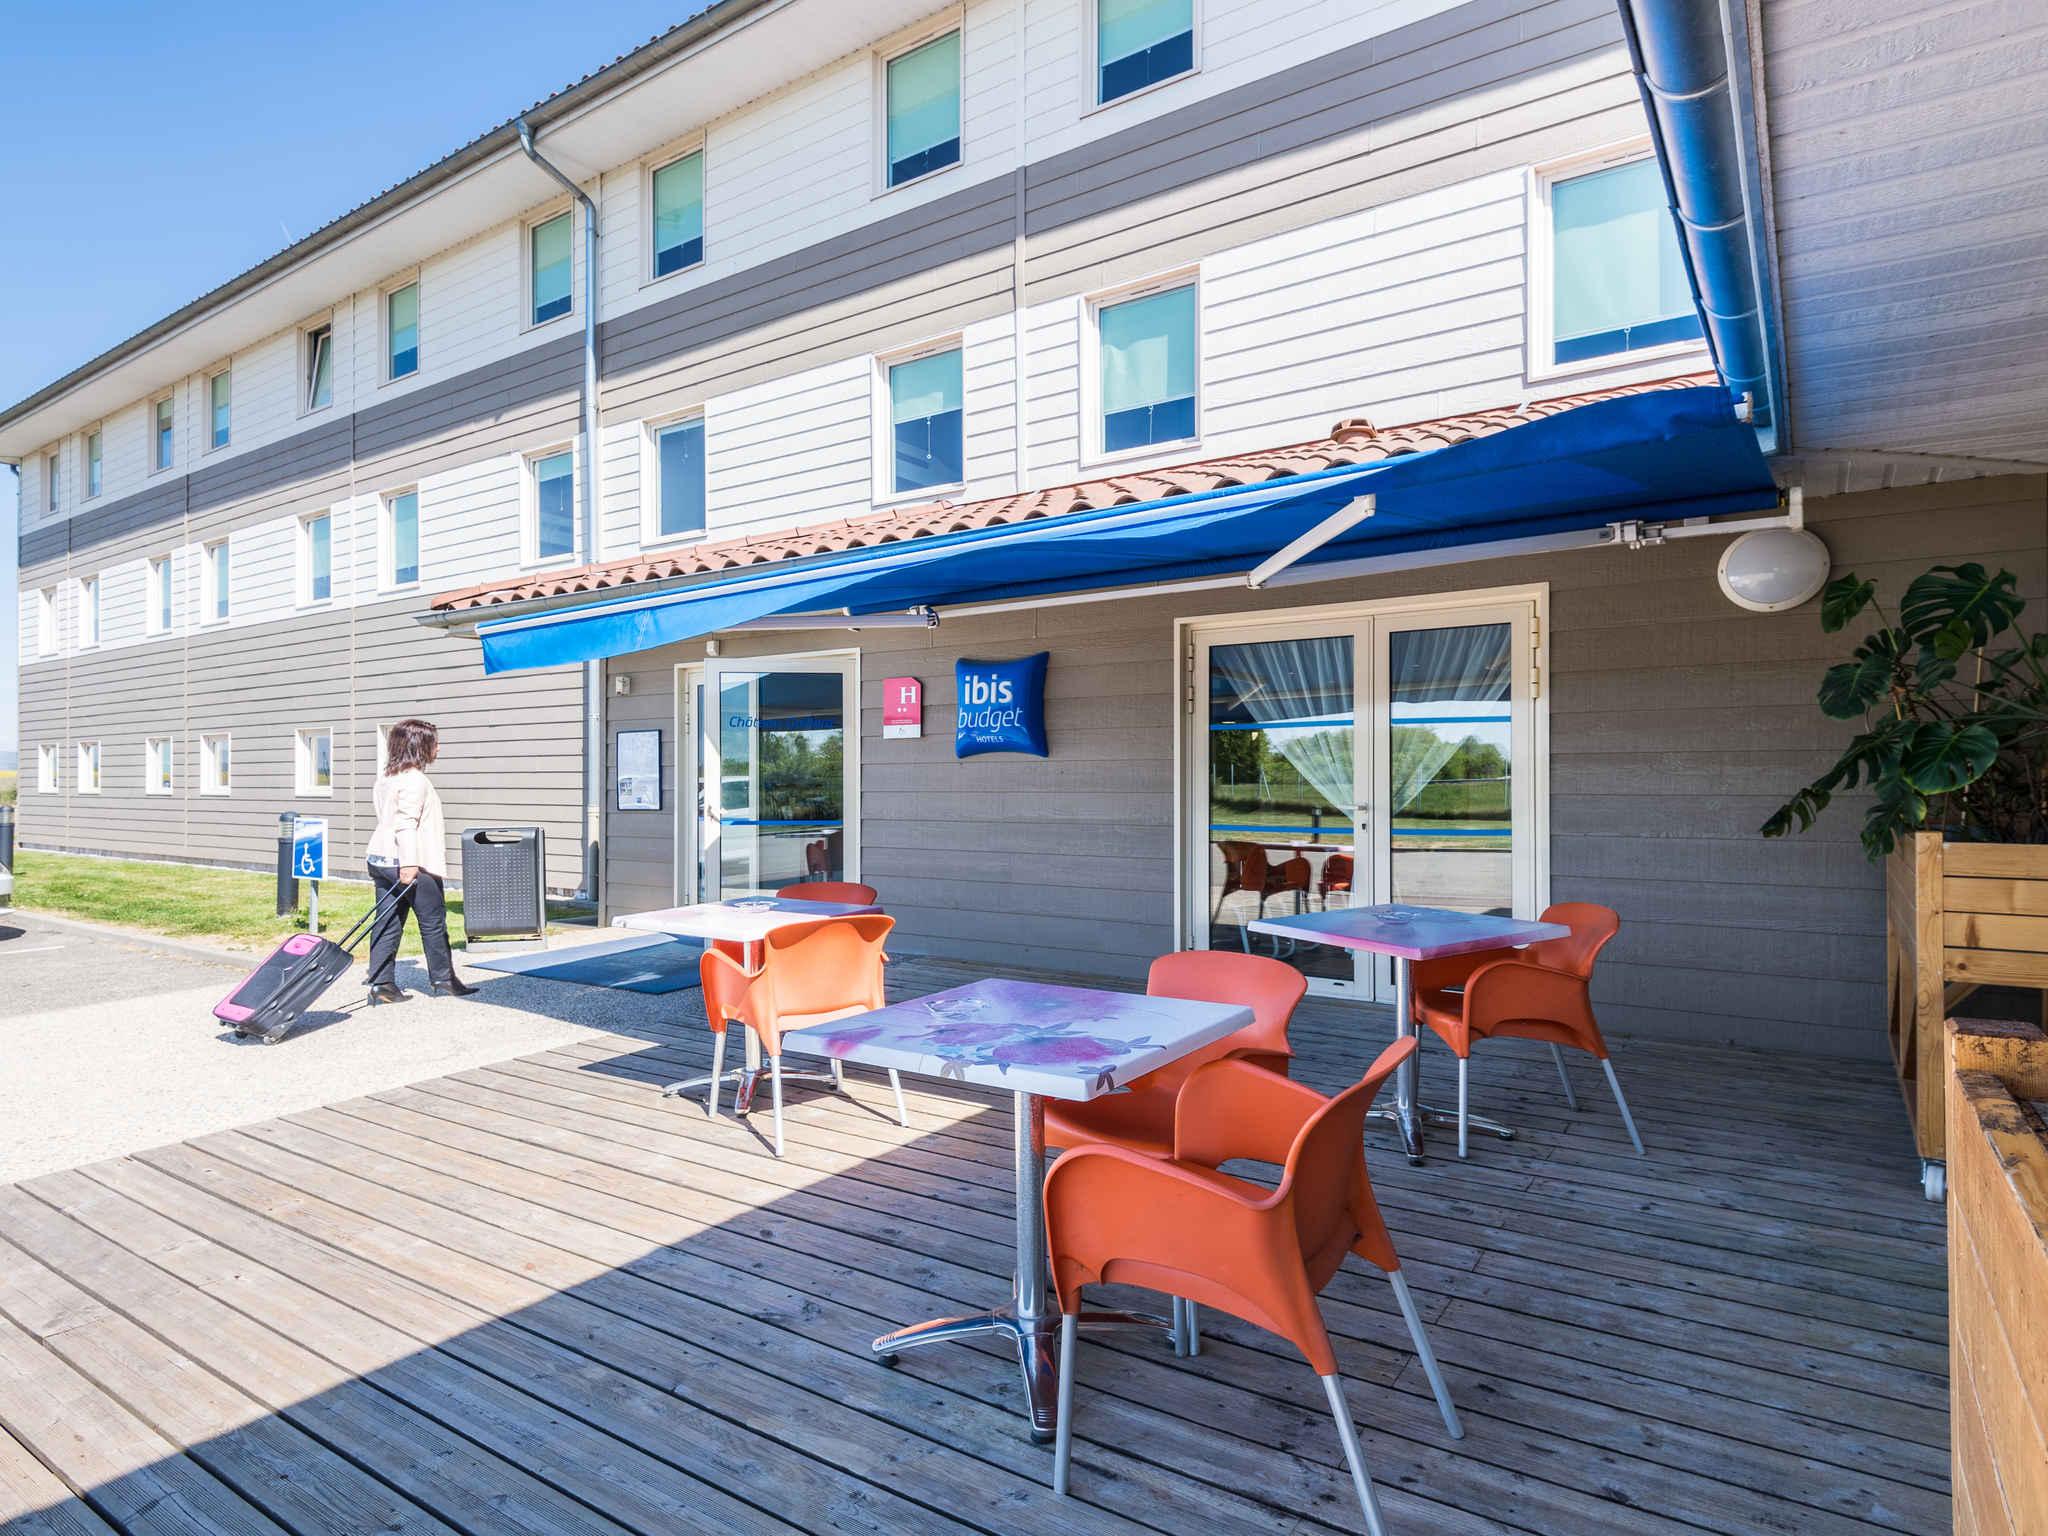 Hotel – ibis budget Ambérieu-en-Bugey Château-Gaillard